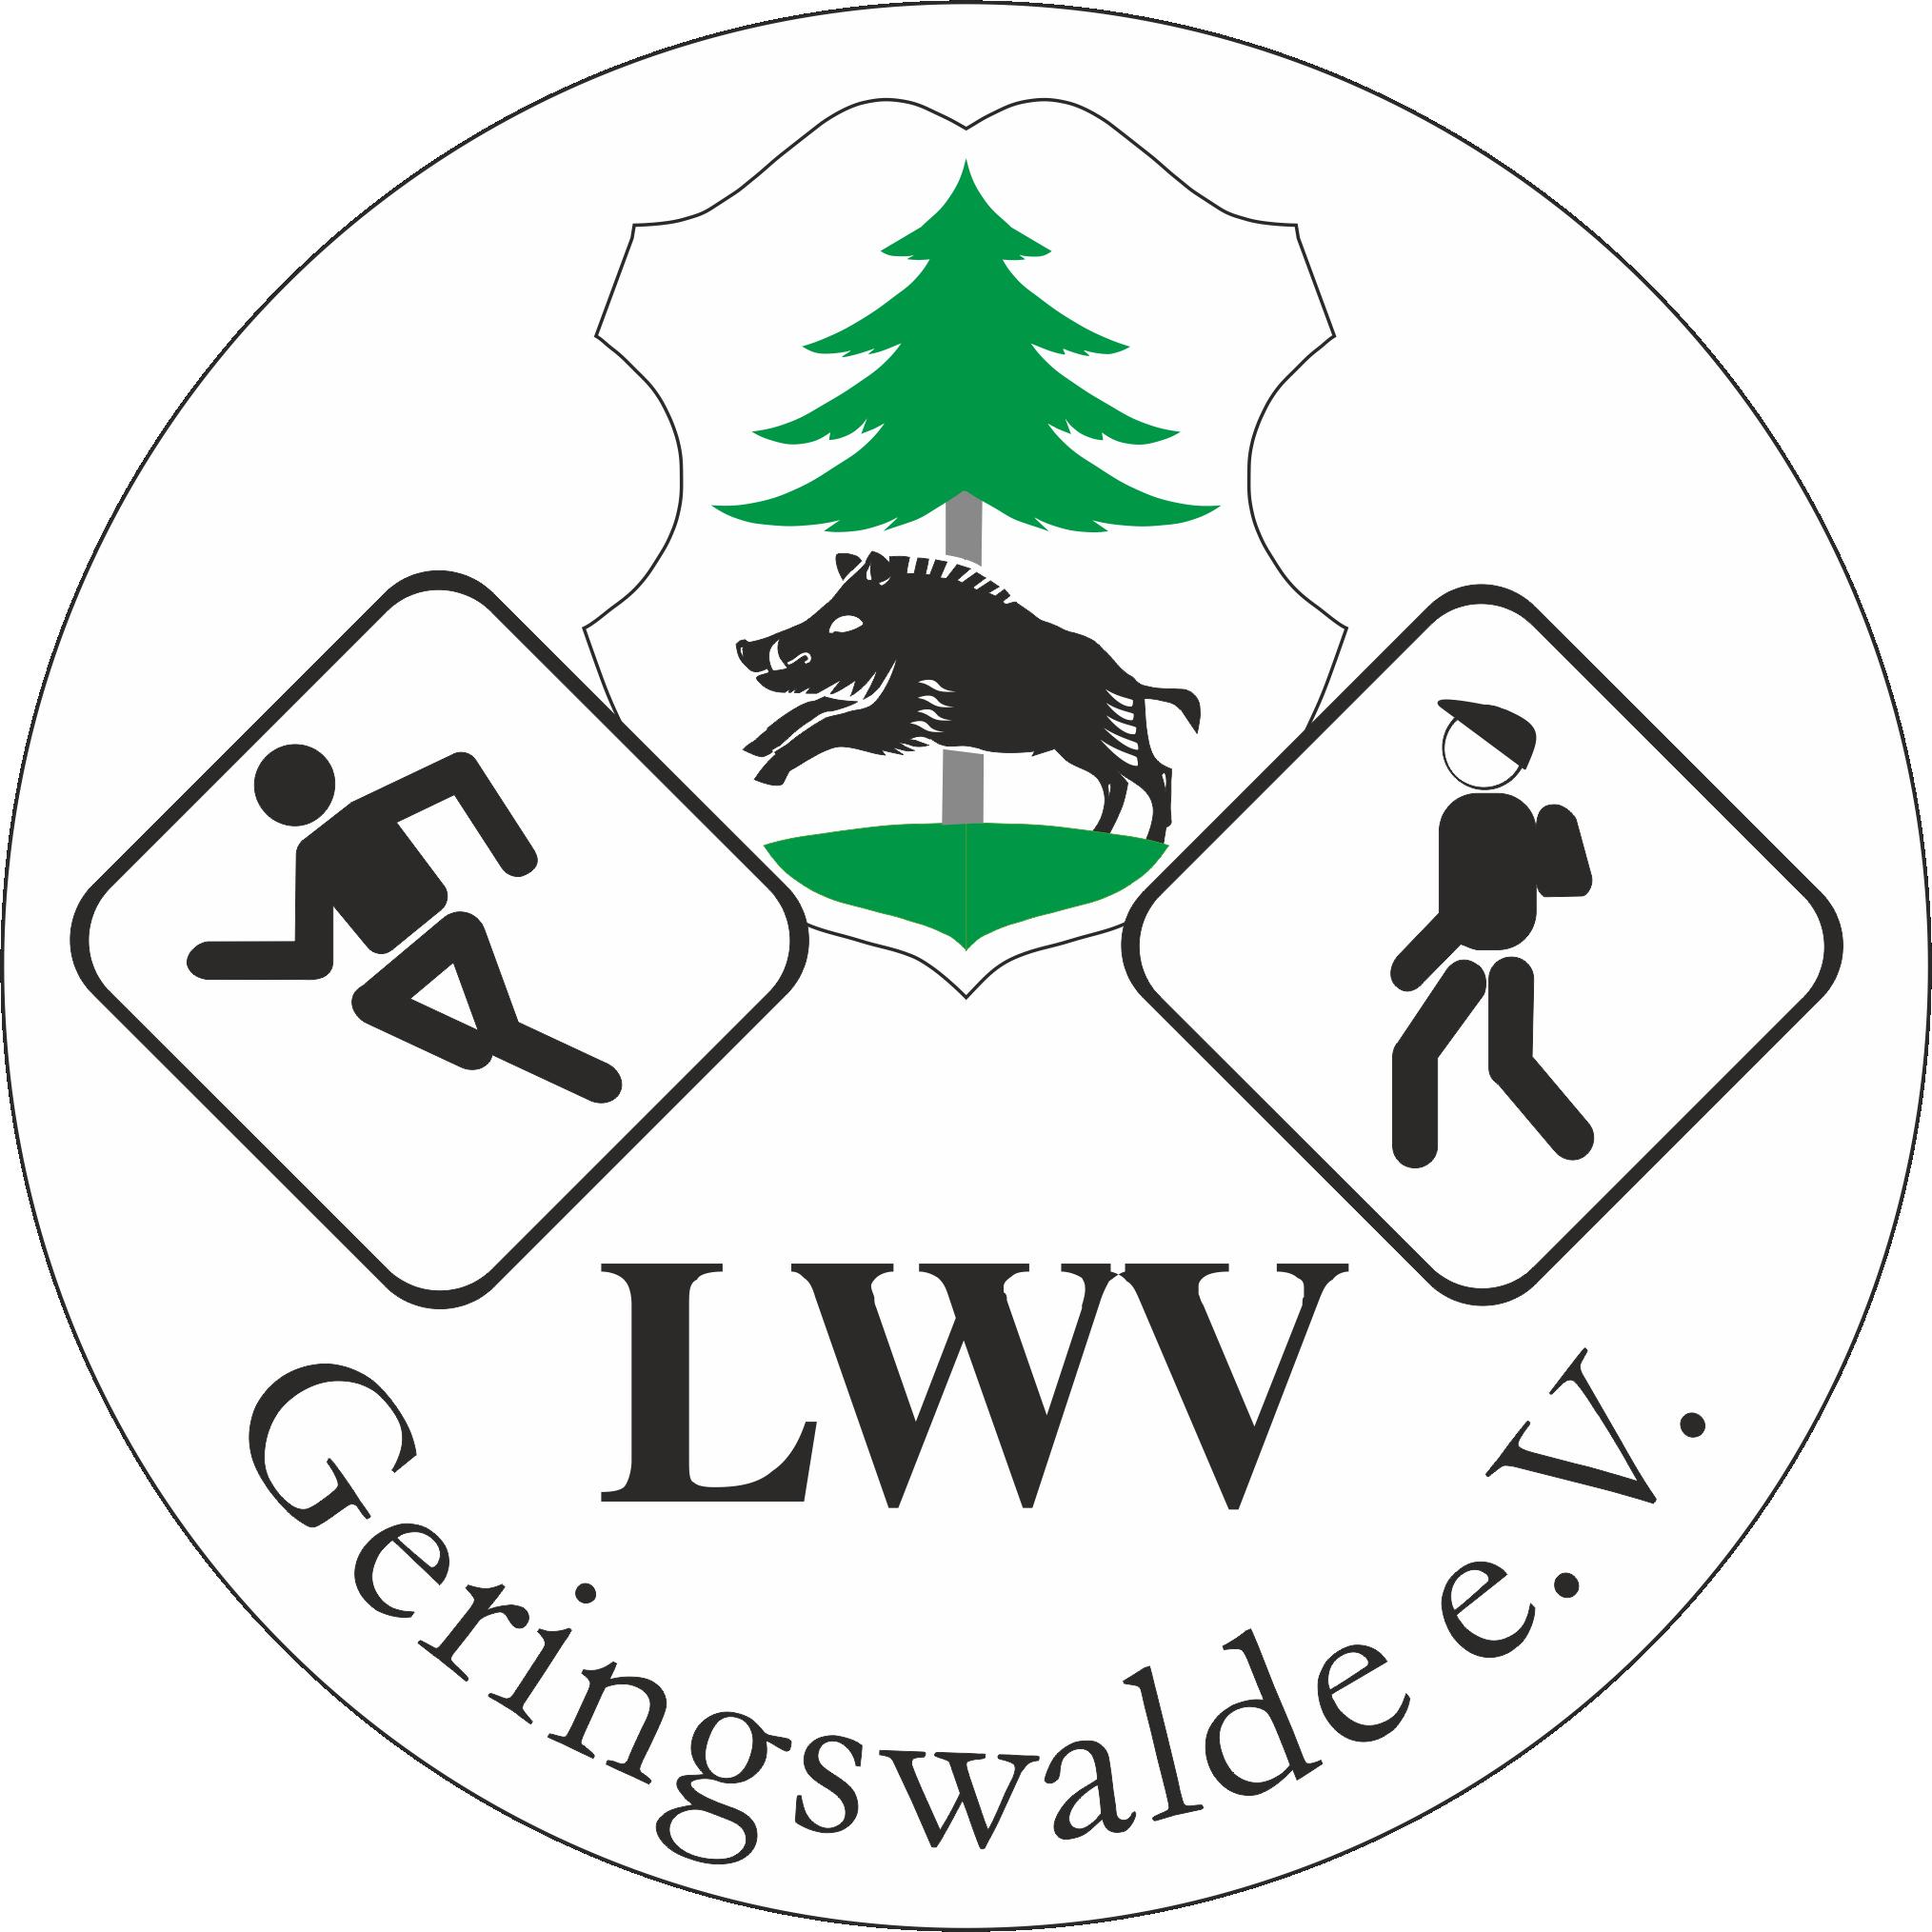 LWV Geringswalde